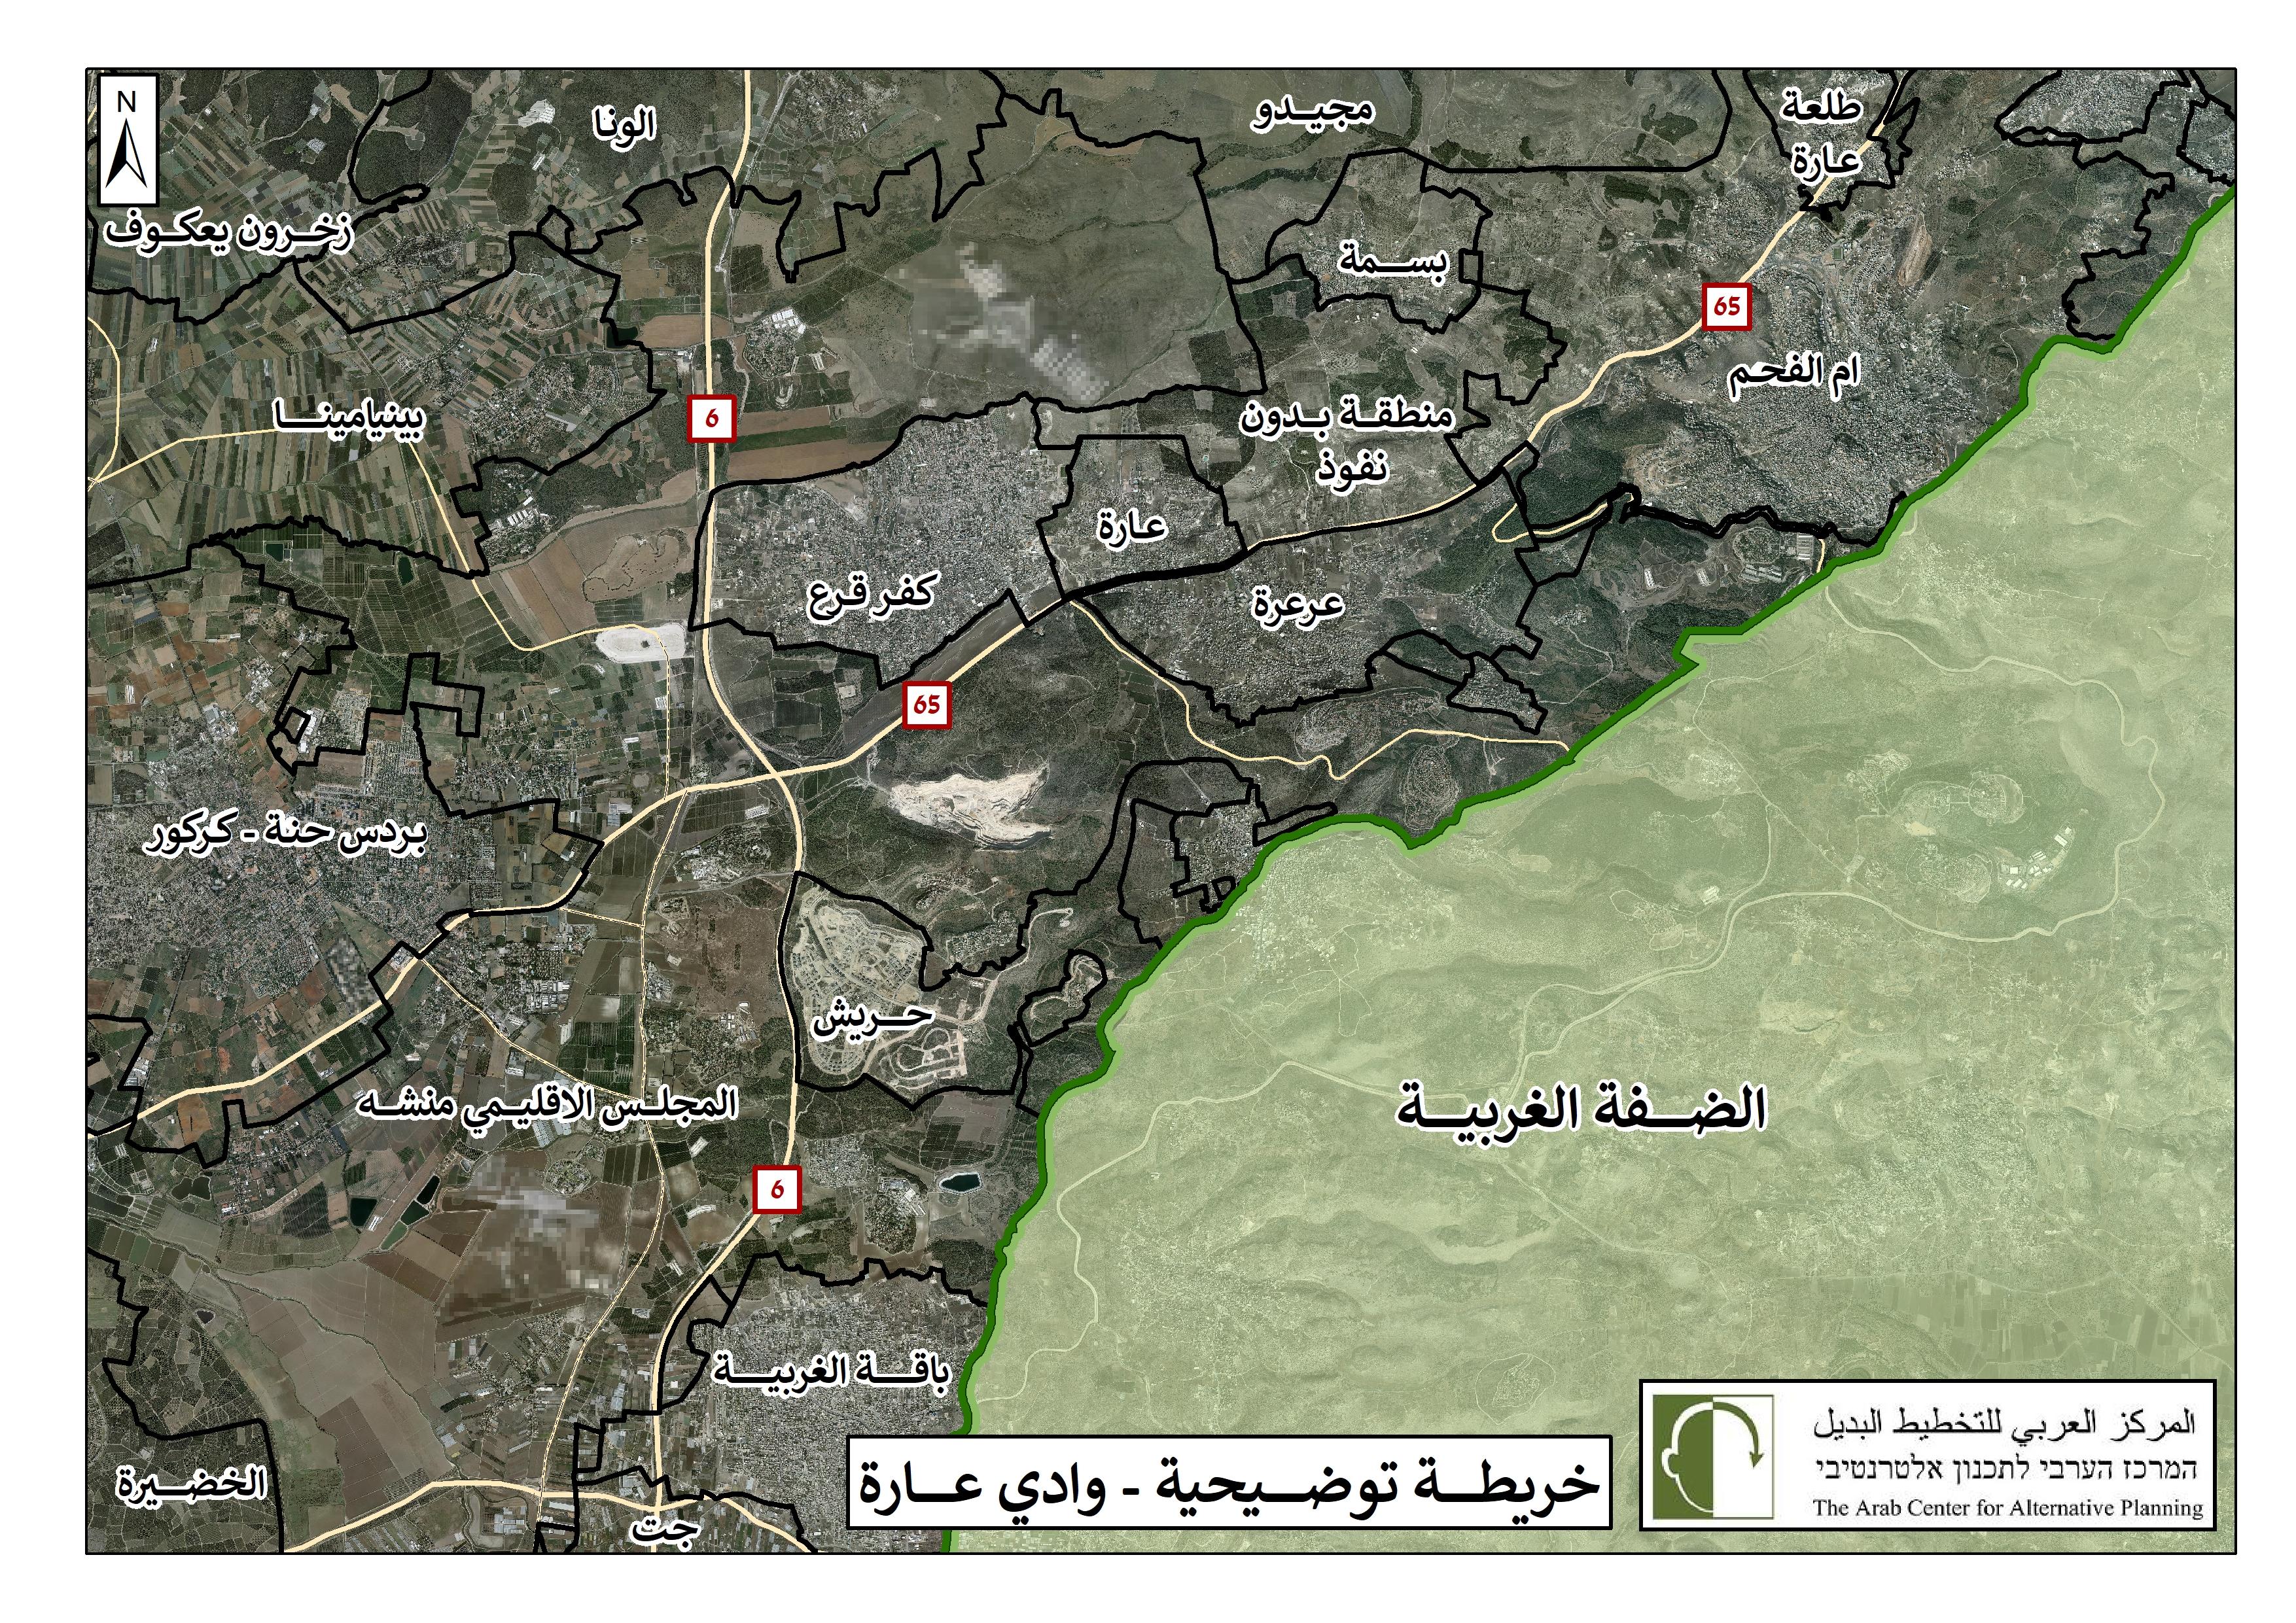 اللجان الشعبية في وادي عارة تحذر من مصادرة صلاحيات لجنة التخطيط في وادي عارة